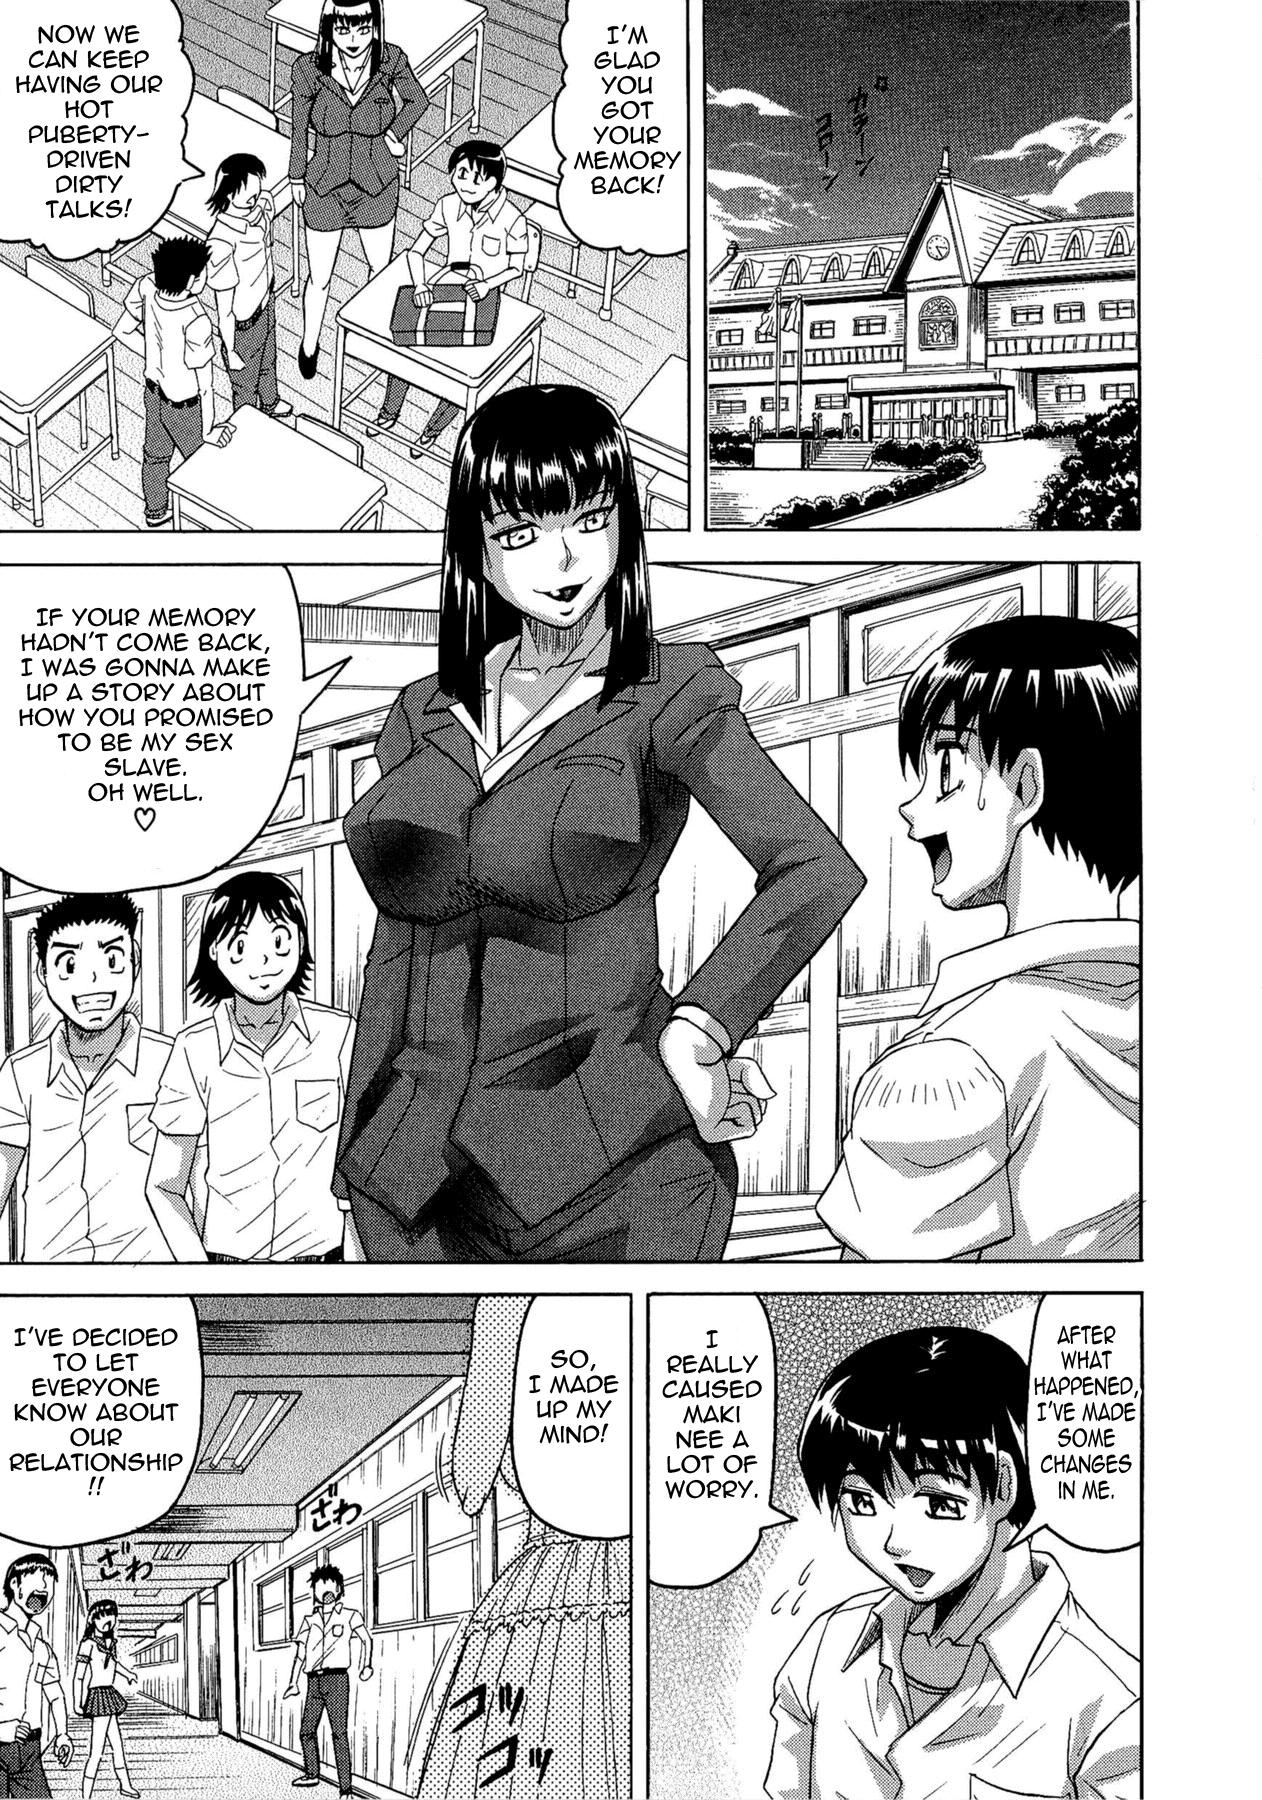 [Jamming] Koibito ha Tonari no Oneesan (Hatsujyouki) | My Lover is the Girl Next Door [English] {Tadanohito} 178